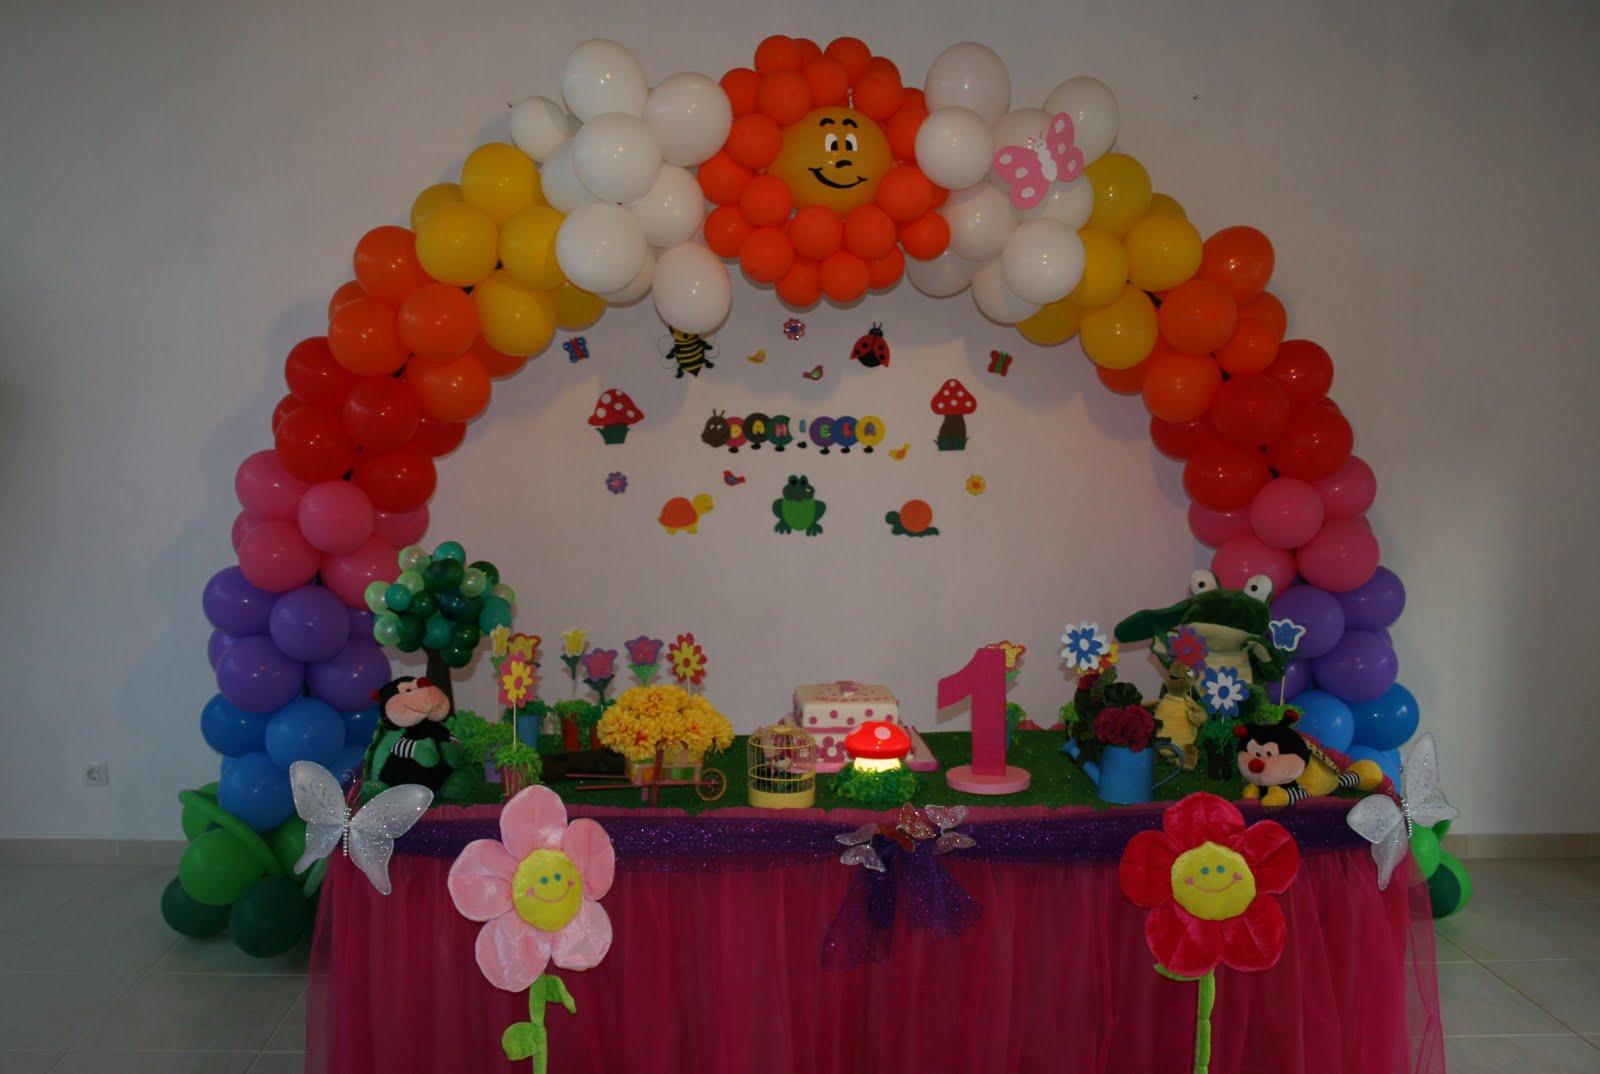 decoracao de aniversario tema jardim encantado : decoracao de aniversario tema jardim encantado:Download Jardim Encantado Decoracao De Festa De Aniversario Infantil